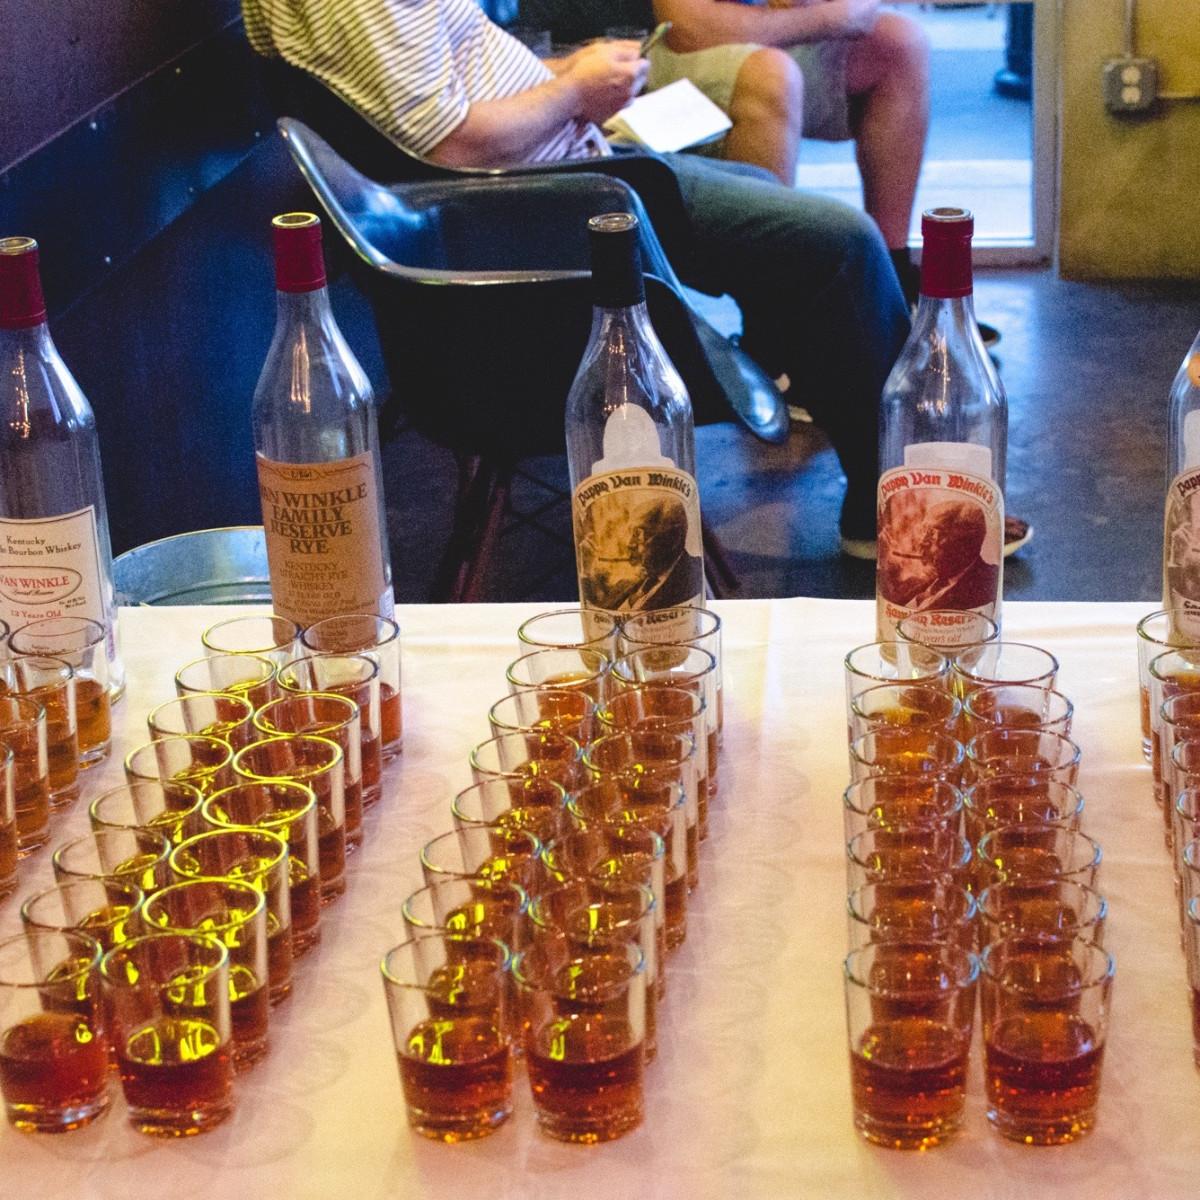 Eight Row Flint Pappy Van Winkle tasting bottles